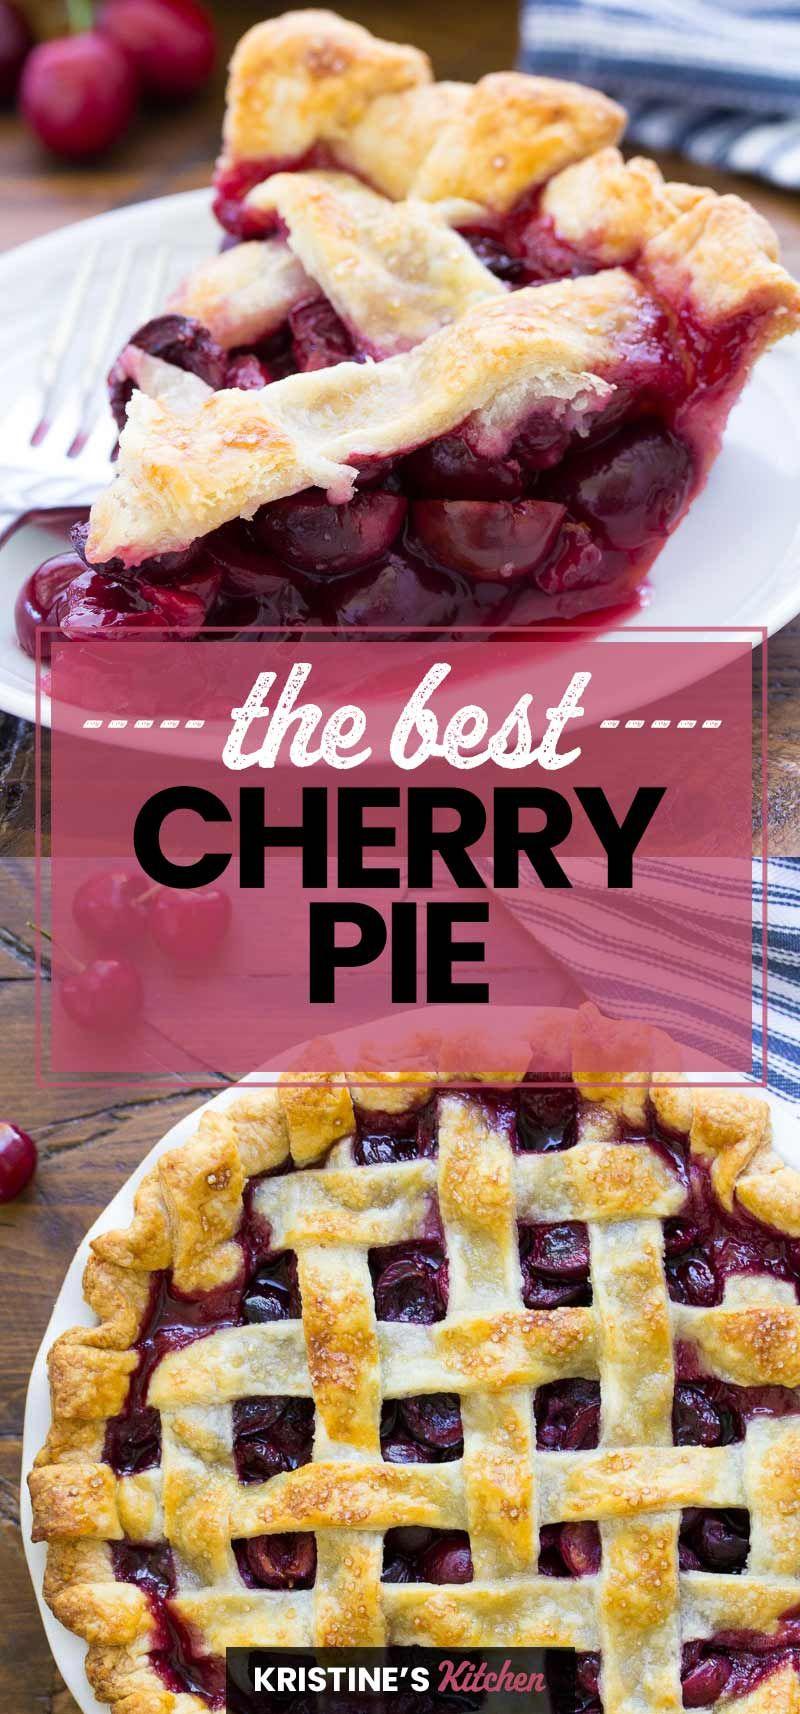 Cherry Pie Recipe - The BEST Homemade Cherry Pie!